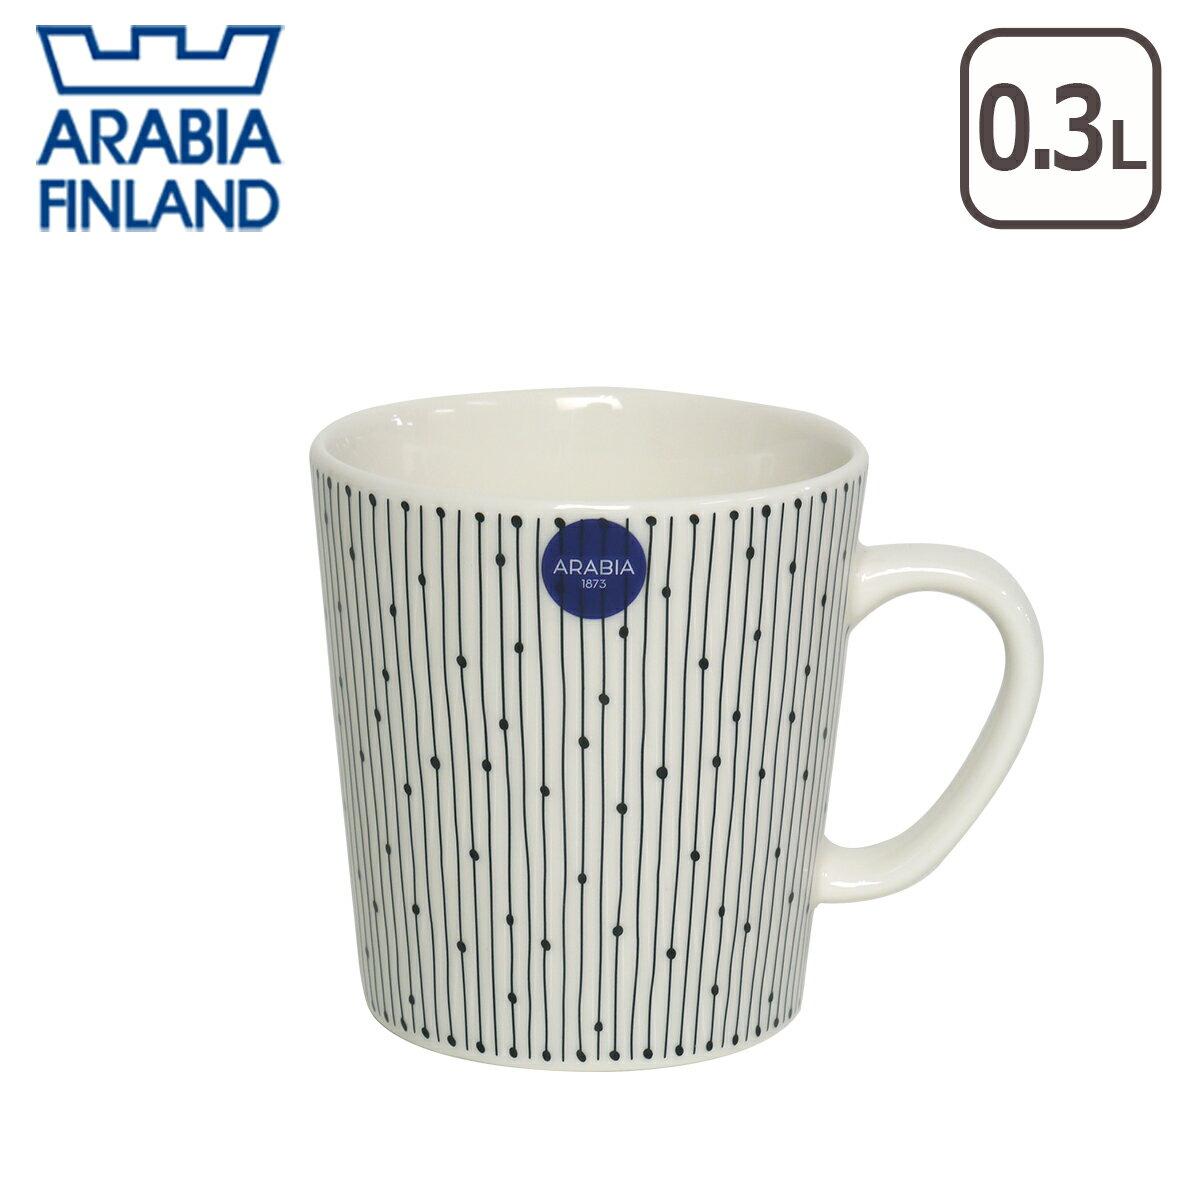 アラビア(Arabia) マイニオ(Mainio) SARASTUS マグ 0.3L 北欧 フィンランド 食器 Arabia 食器洗い機 対応 ギフト・のし可 GF1